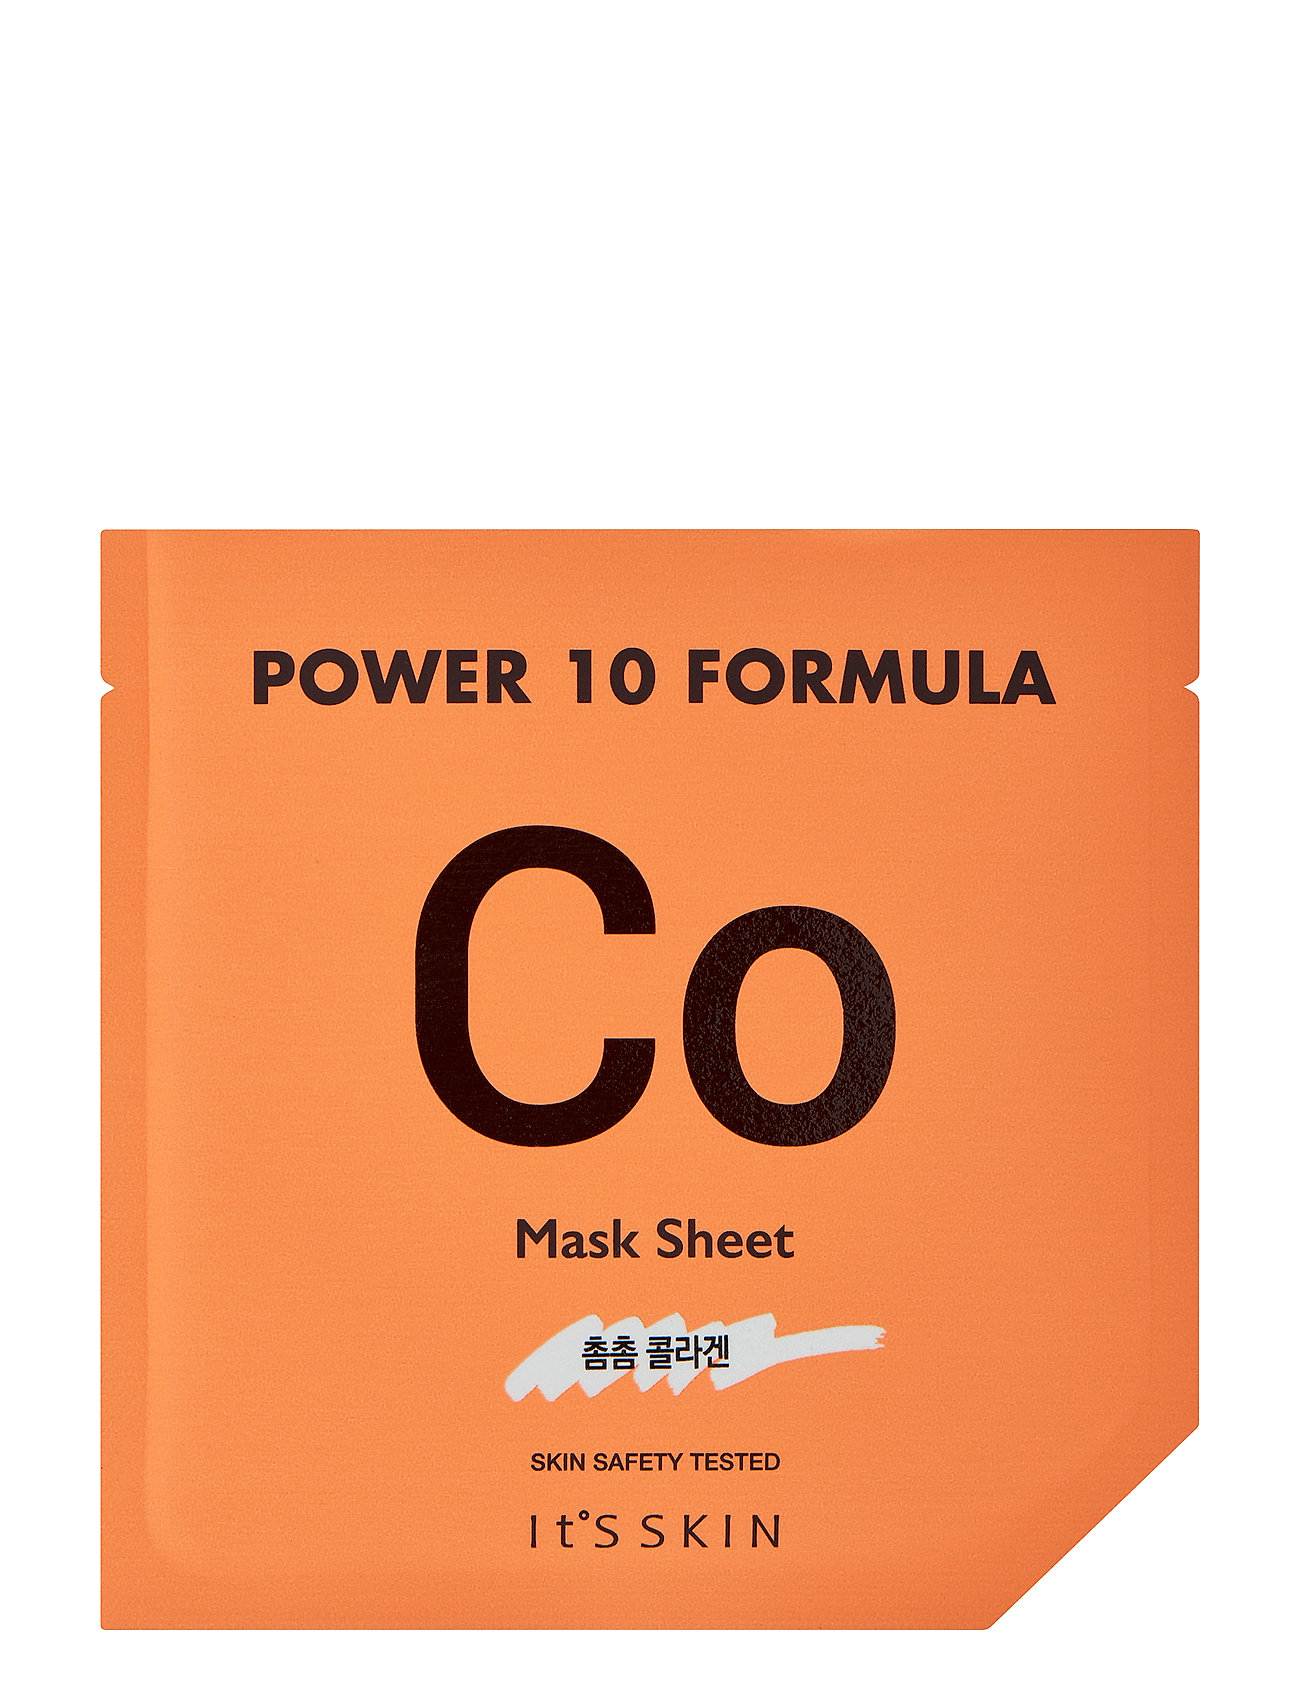 It'S SKIN It'S SKIN Power 10 Formula Mask Sheet CO - CLEAR